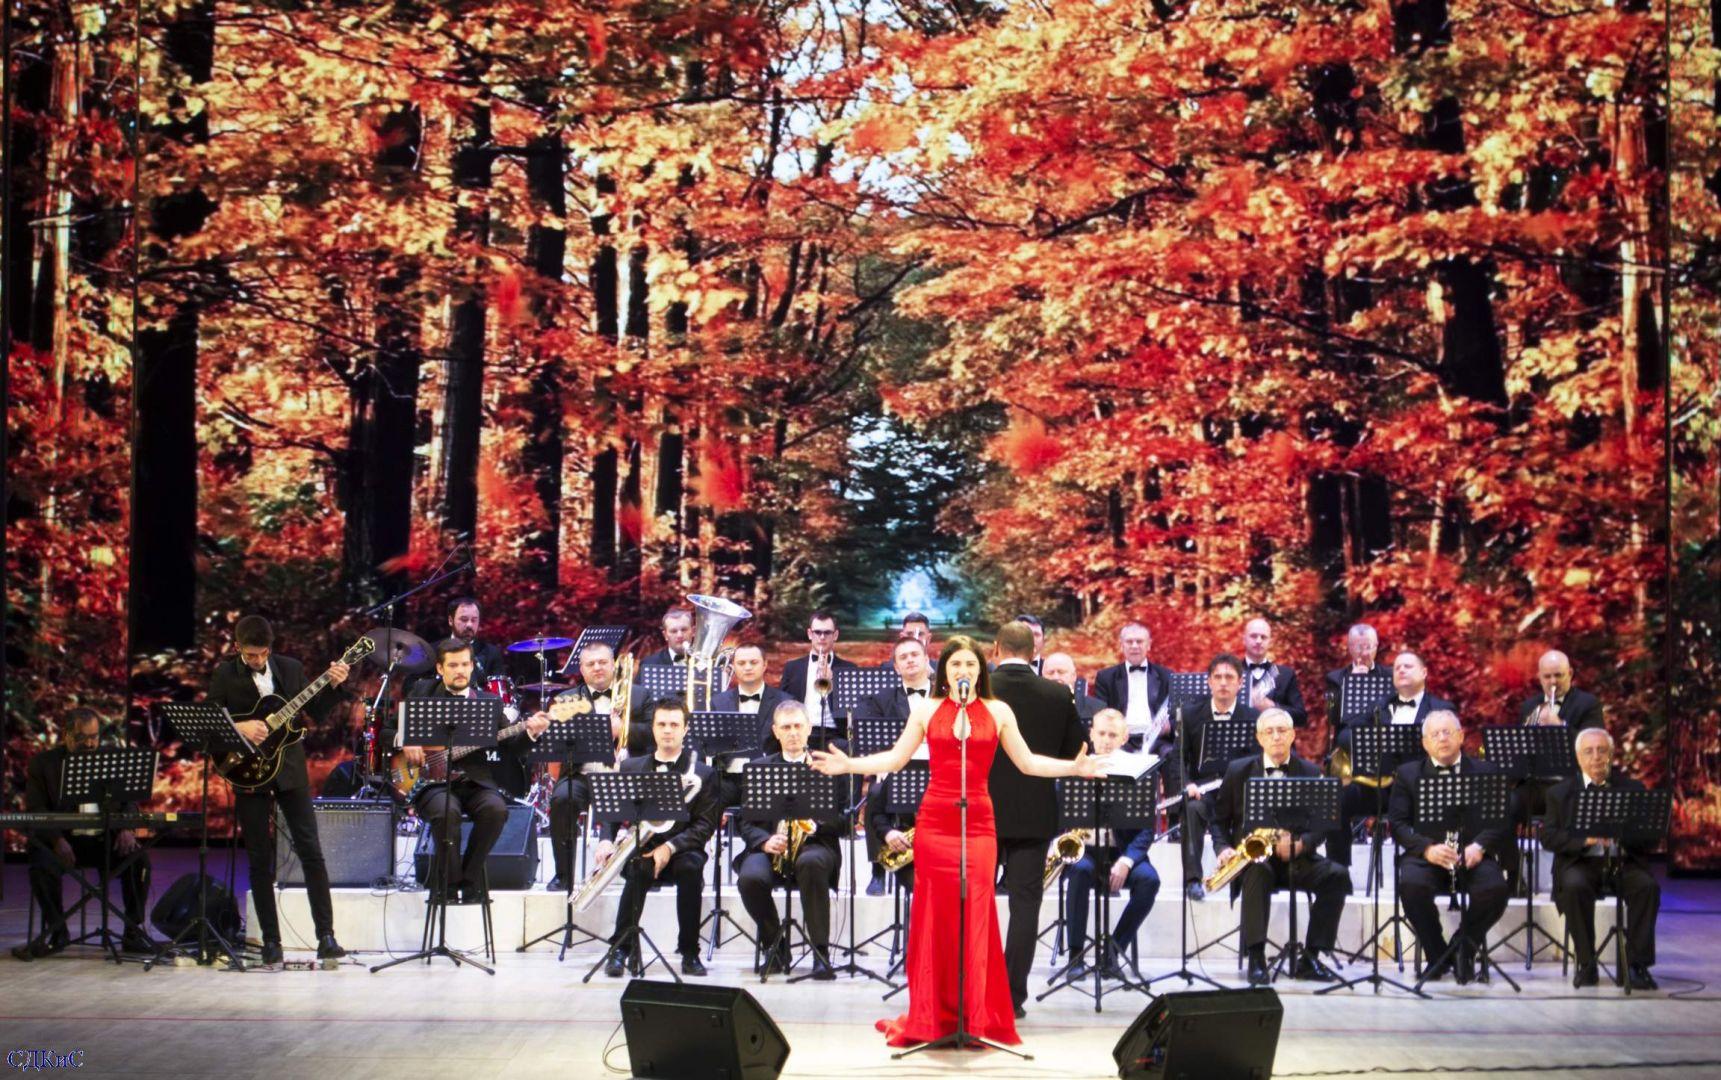 Духовой оркестр Ставропольского Дворца культуры и спорта провёл фееричную осеннюю программу